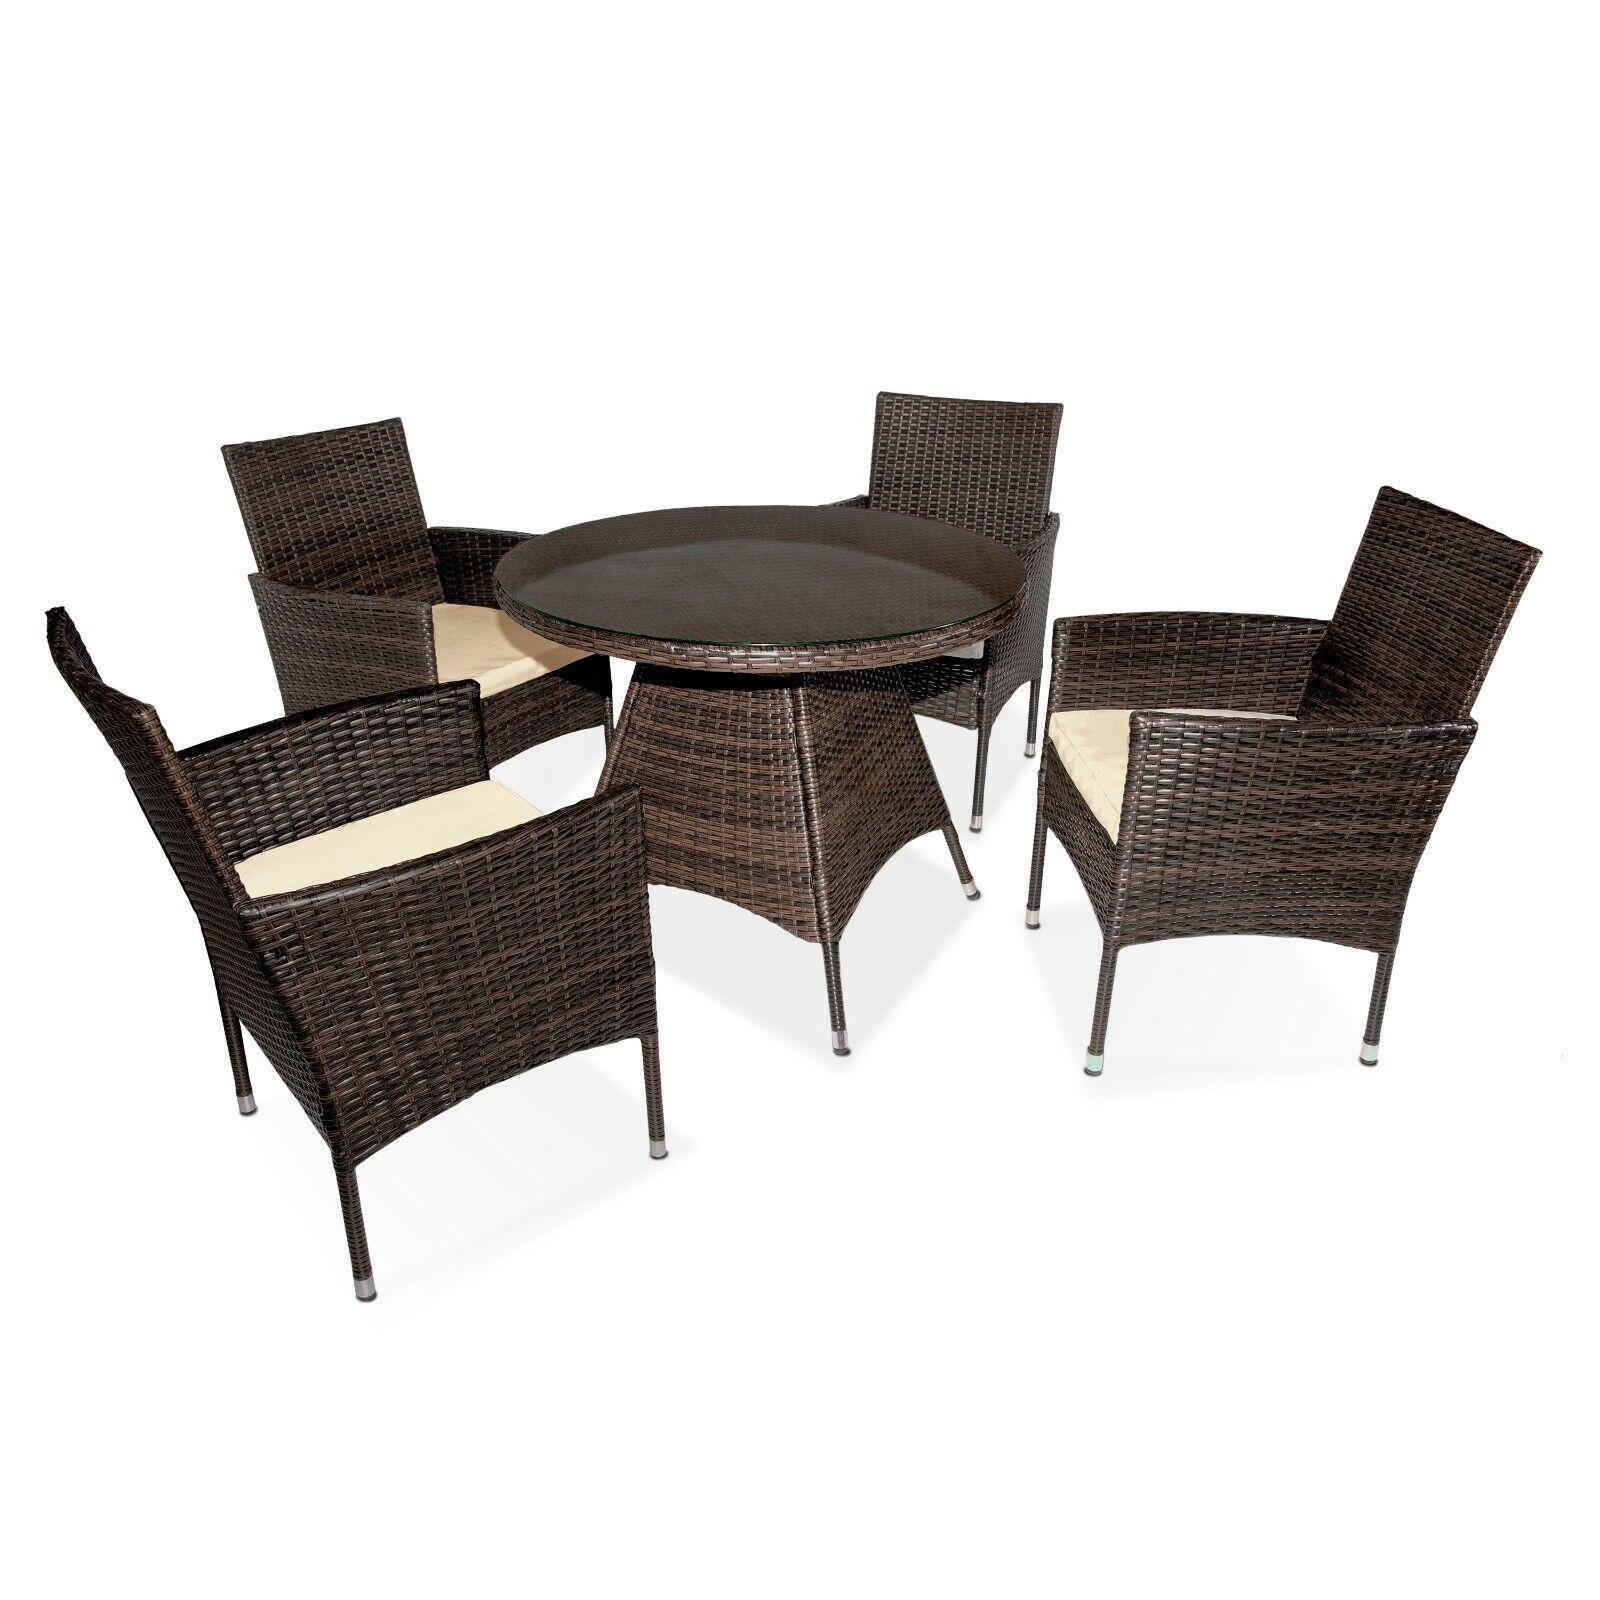 Detalles De Mueble De Jardín 4 Sillas Y 1 Mesa Conjunto Exterior Rattan Sintético Perú